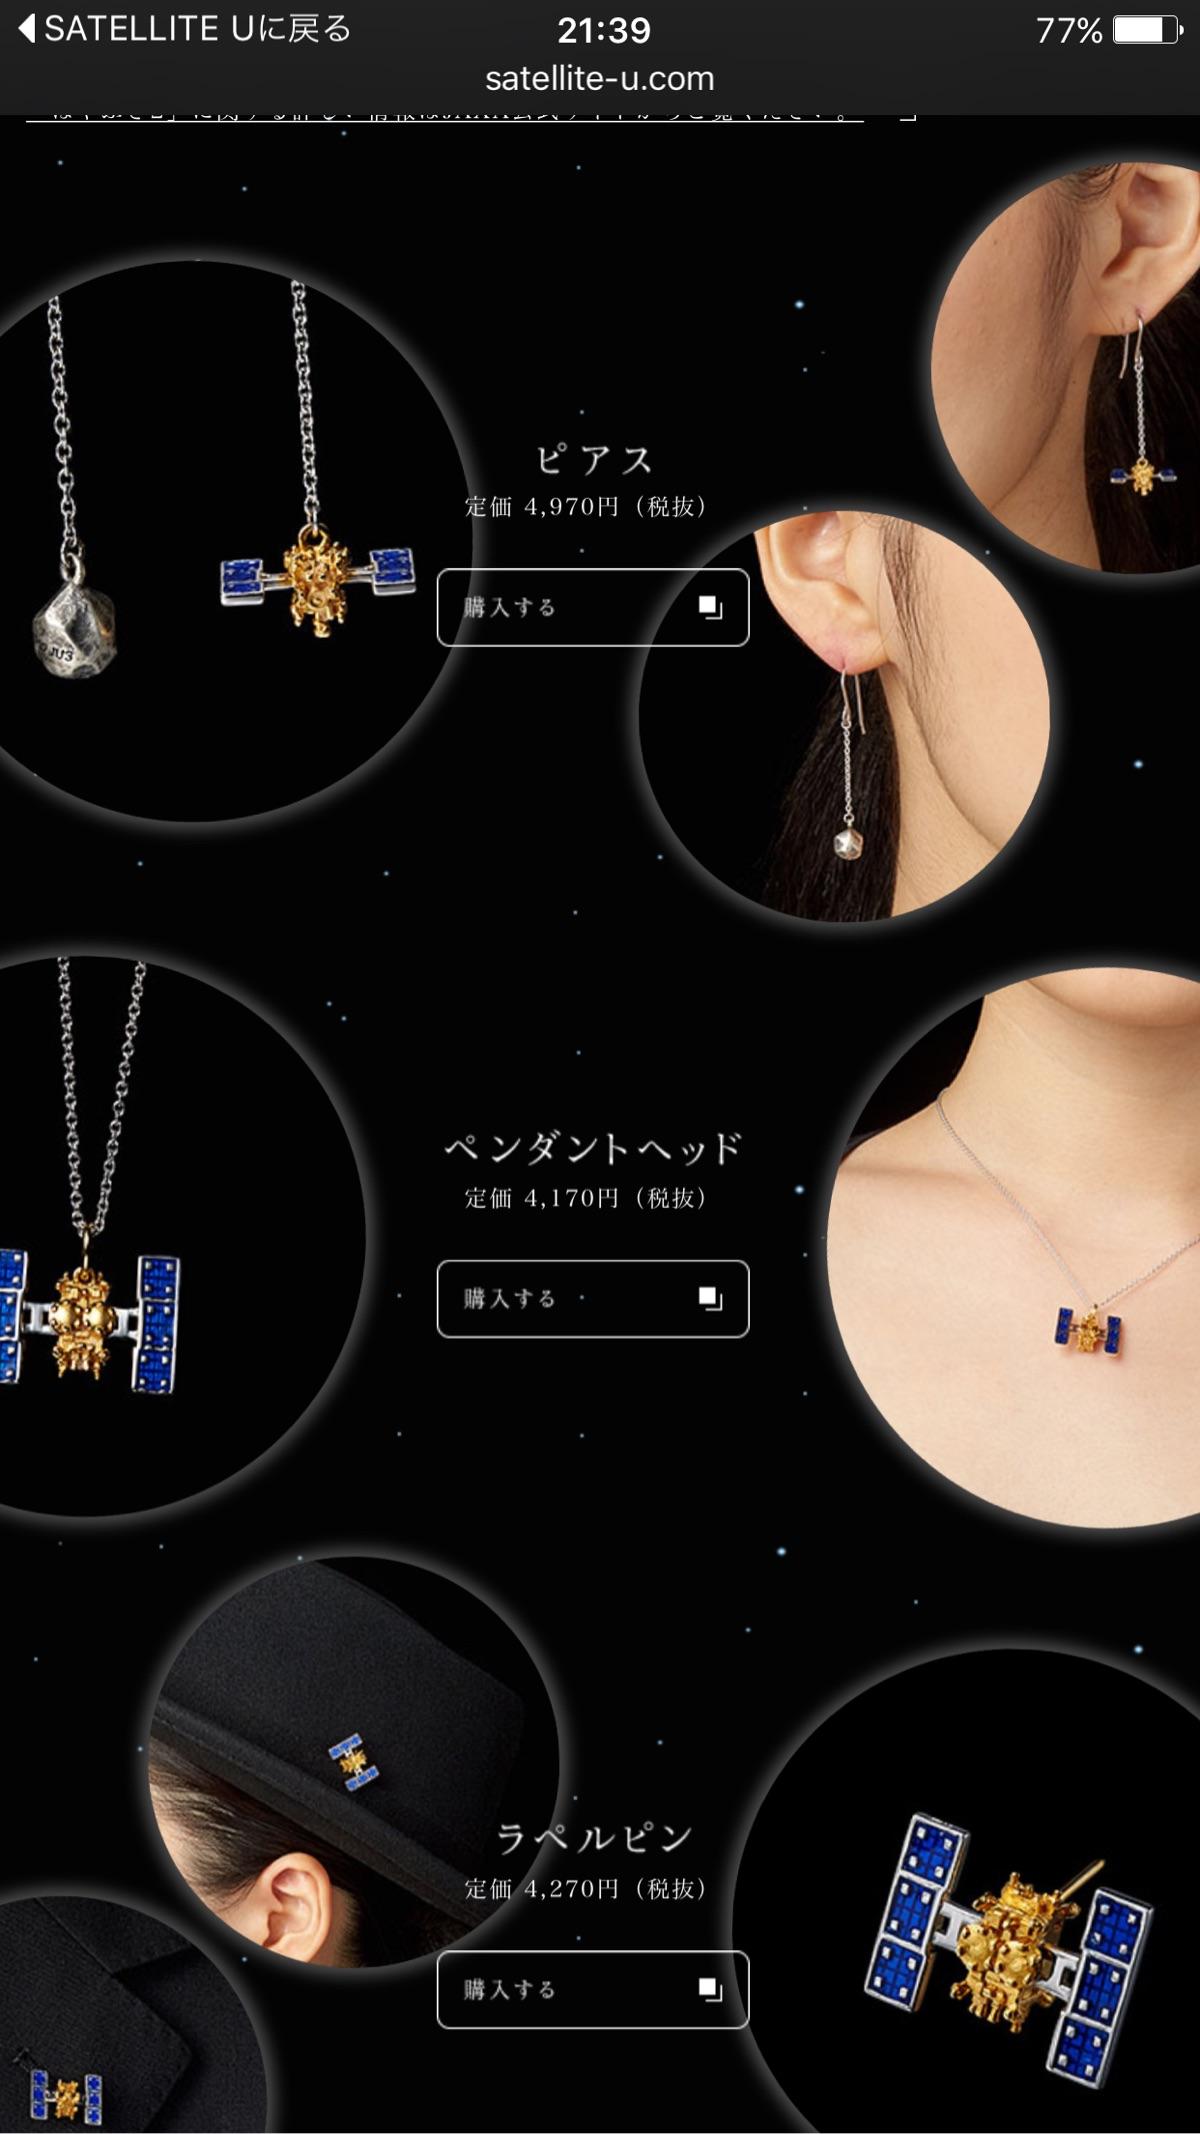 Satellite-U